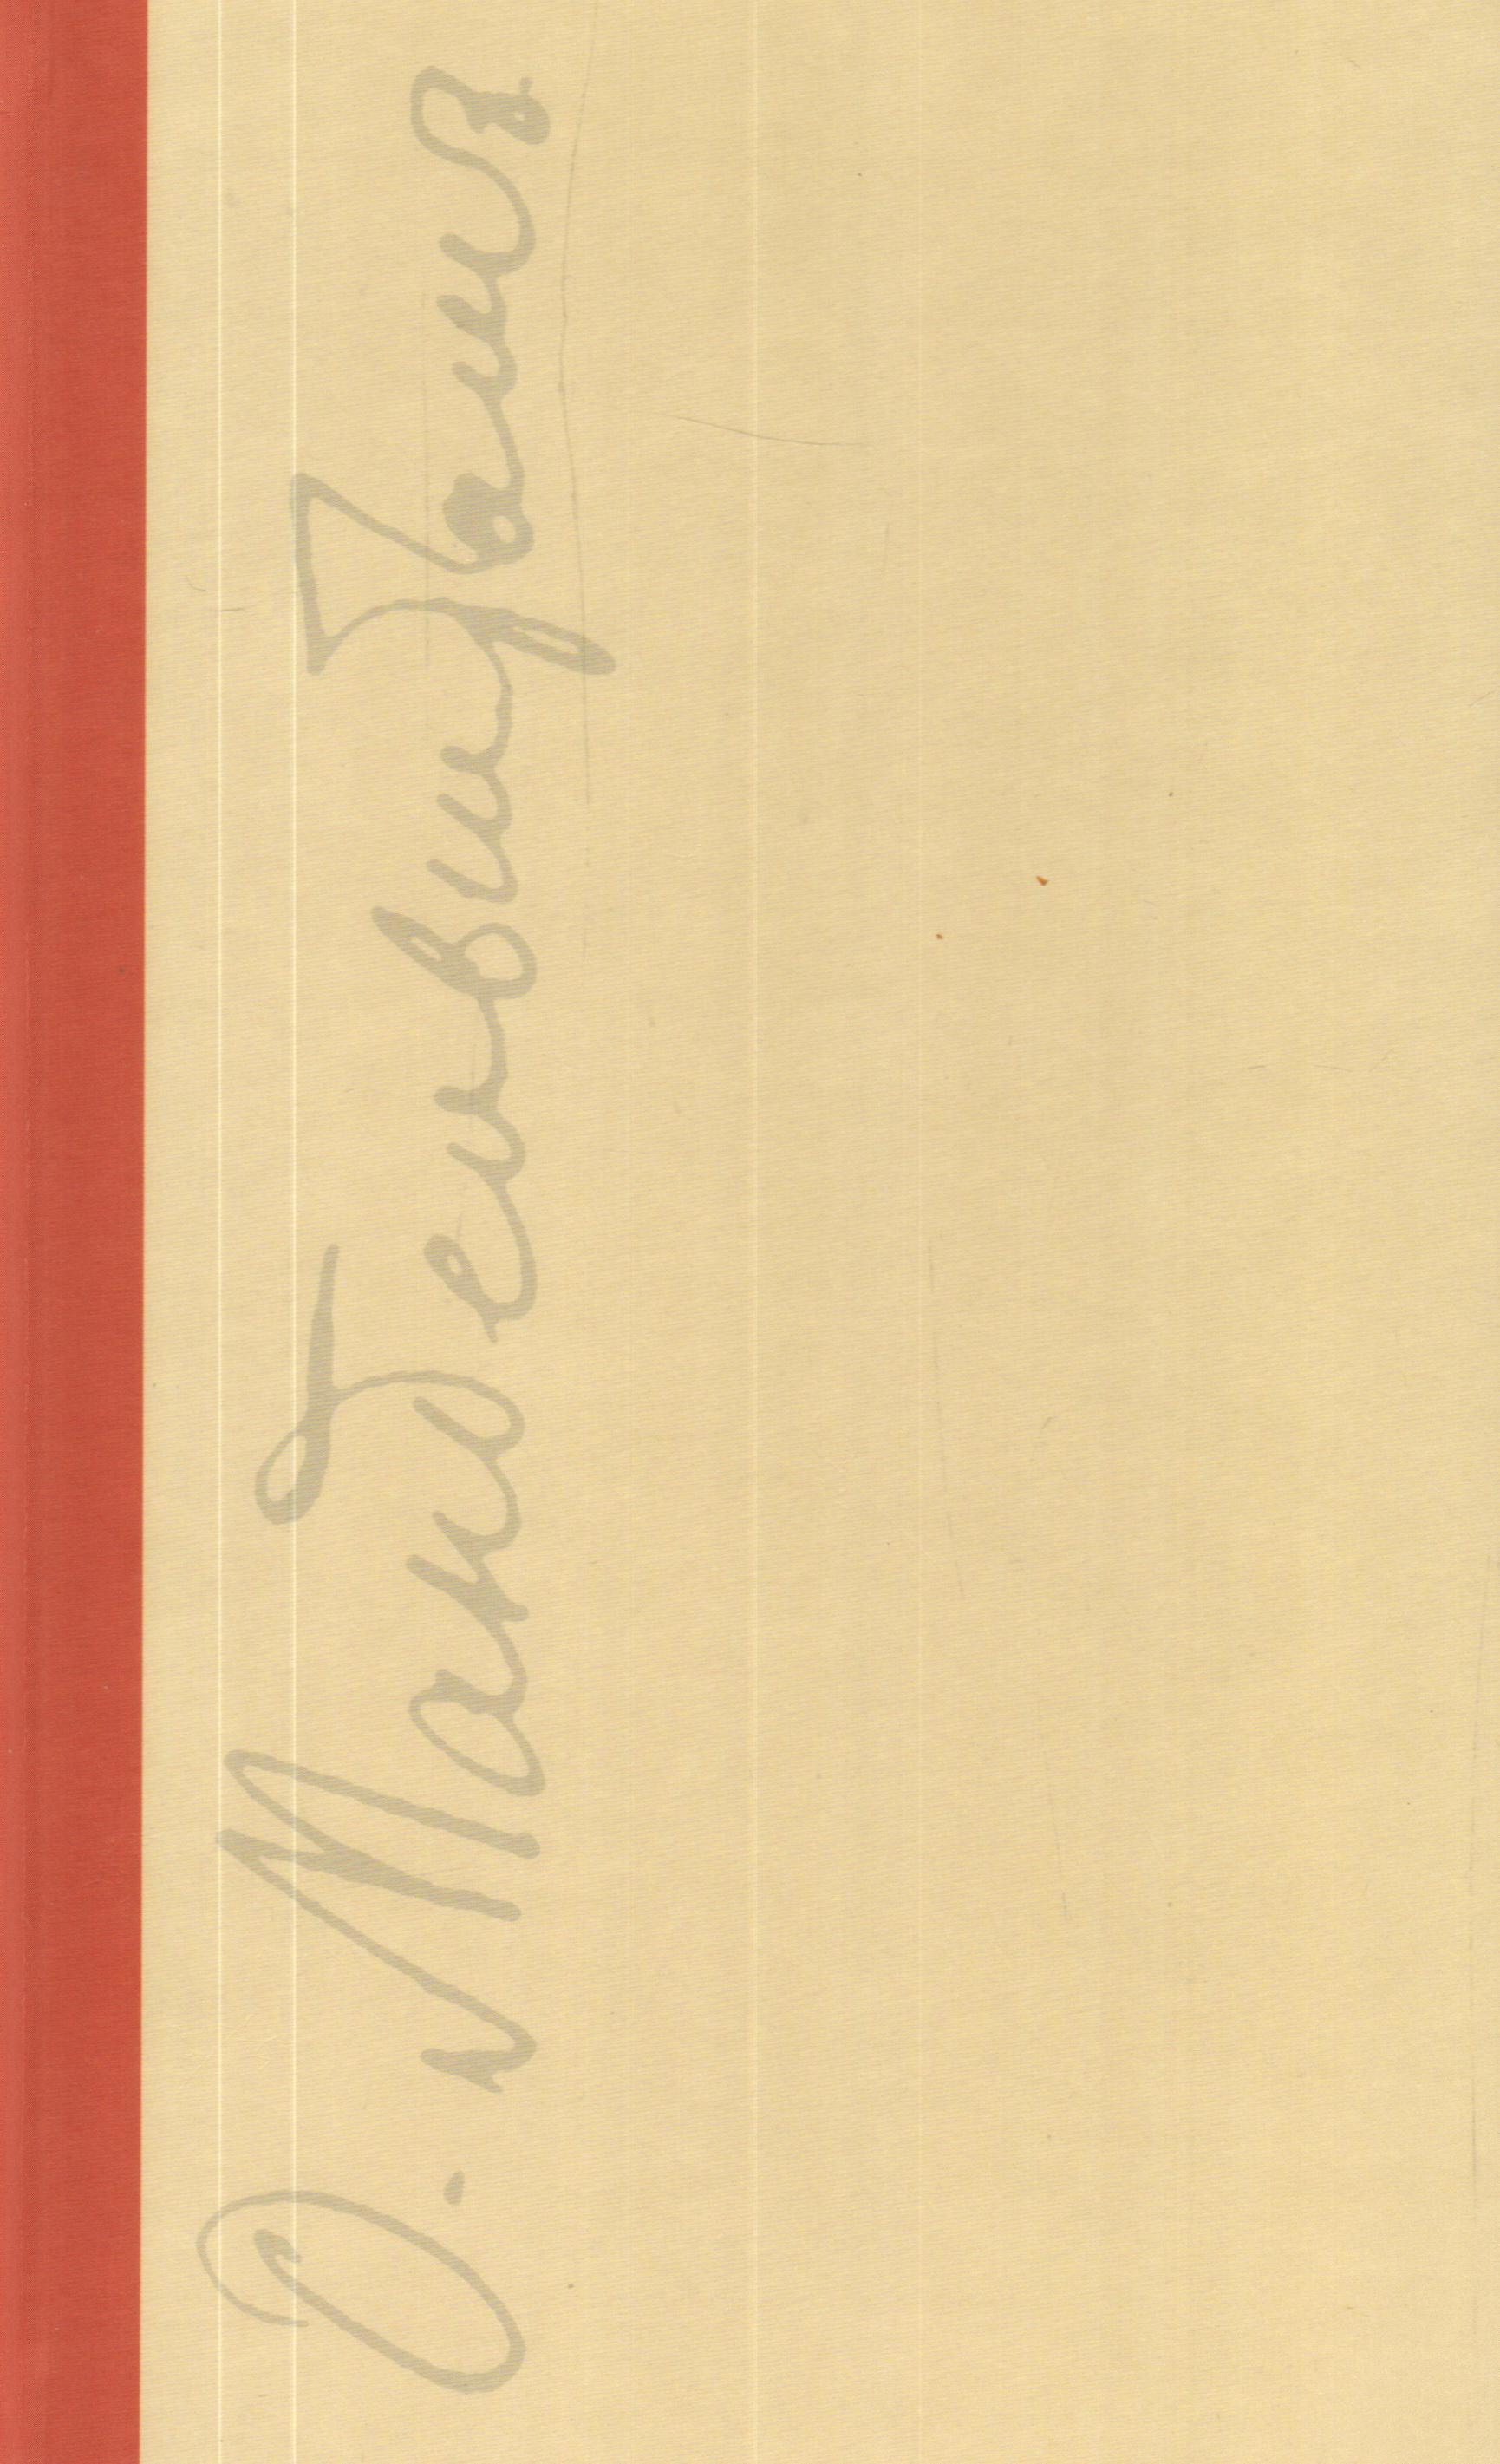 Осип Мандельштам. Полное собрание сочинений и писем. В 3 томах (комплект из 3 книг)